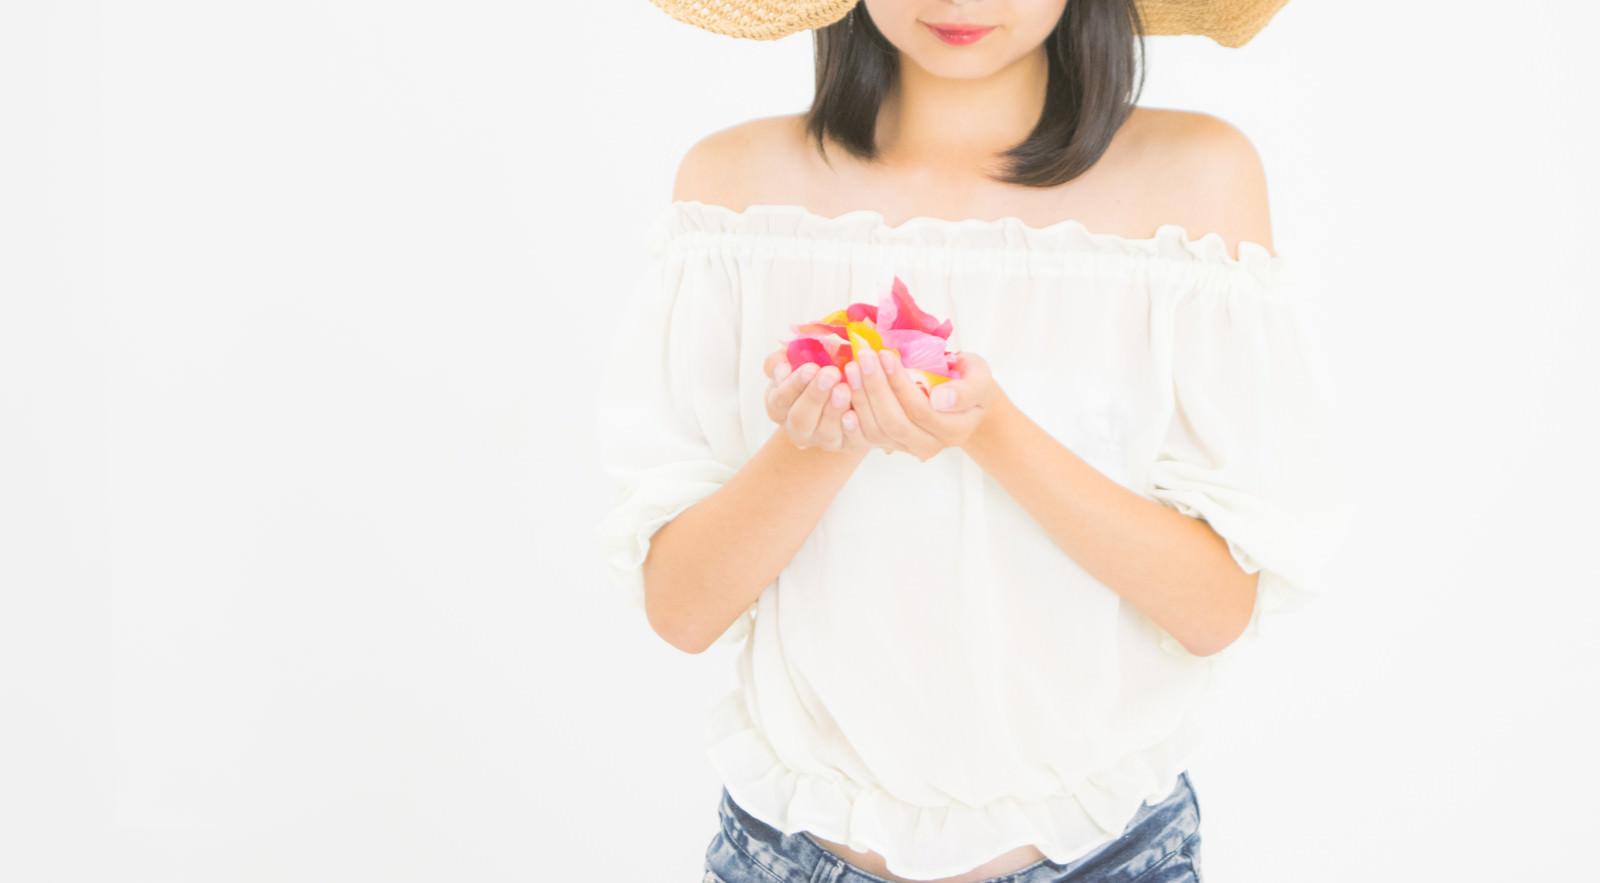 「花びらに想いを込める女性花びらに想いを込める女性」のフリー写真素材を拡大